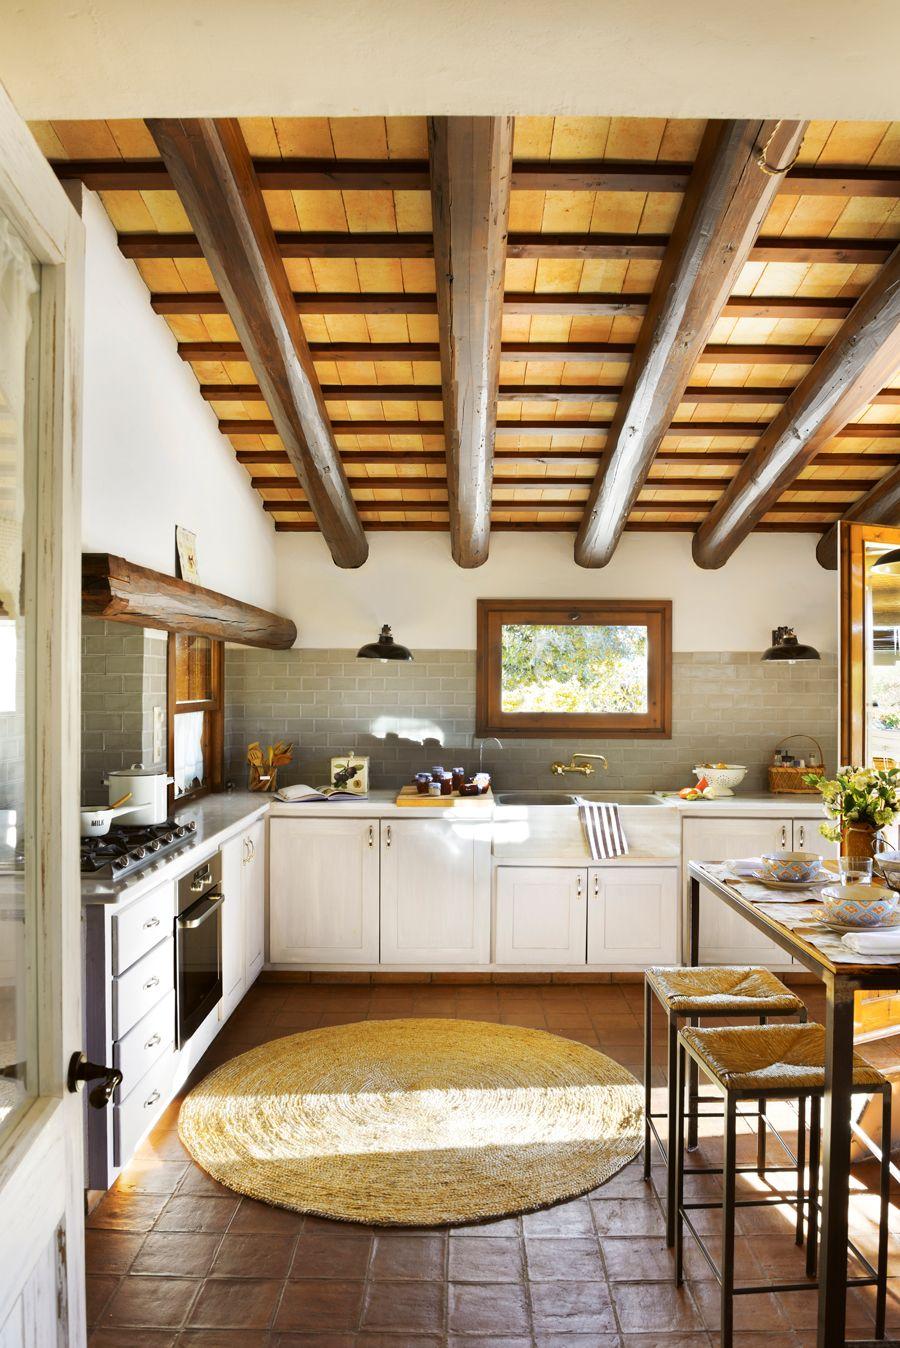 Las 10 cosas que debe tener una cocina r stica cocinas - Como decorar una casa rustica ...